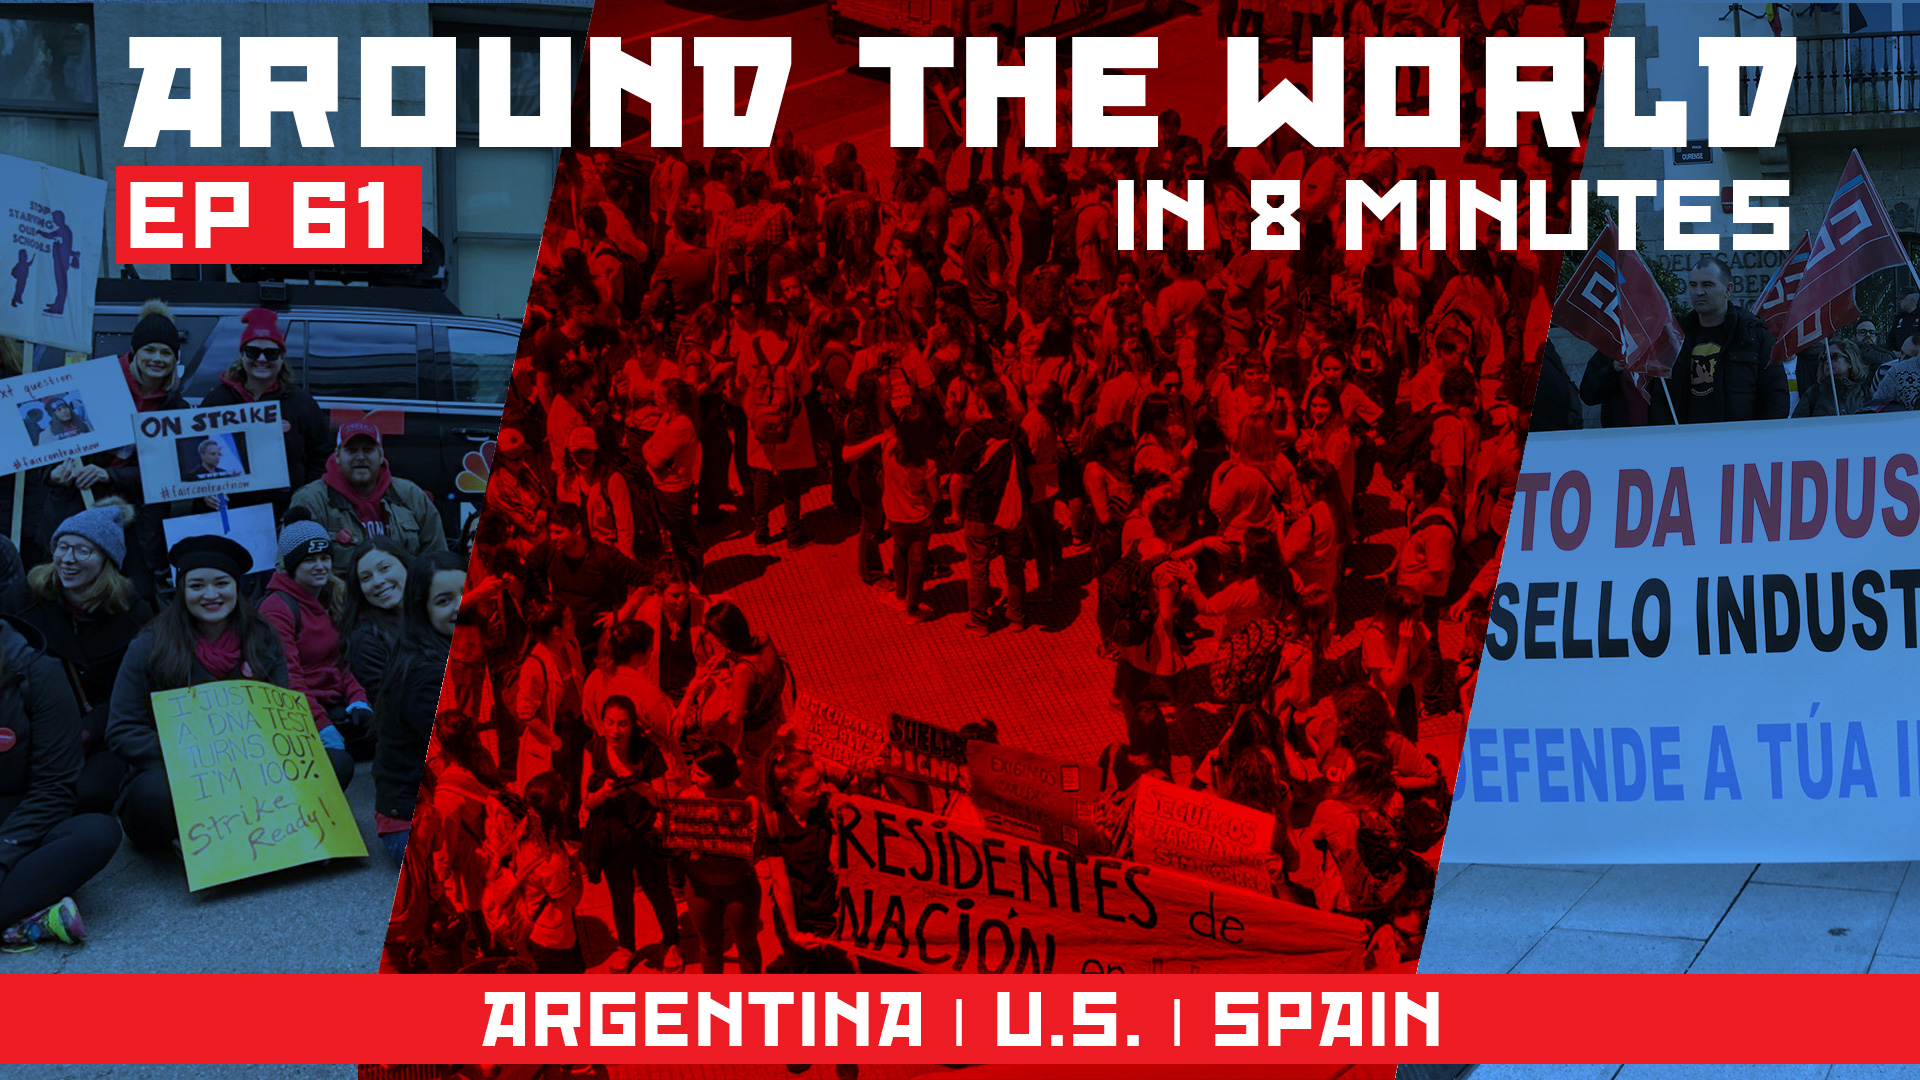 ATW 61 Argentina Spain U.S